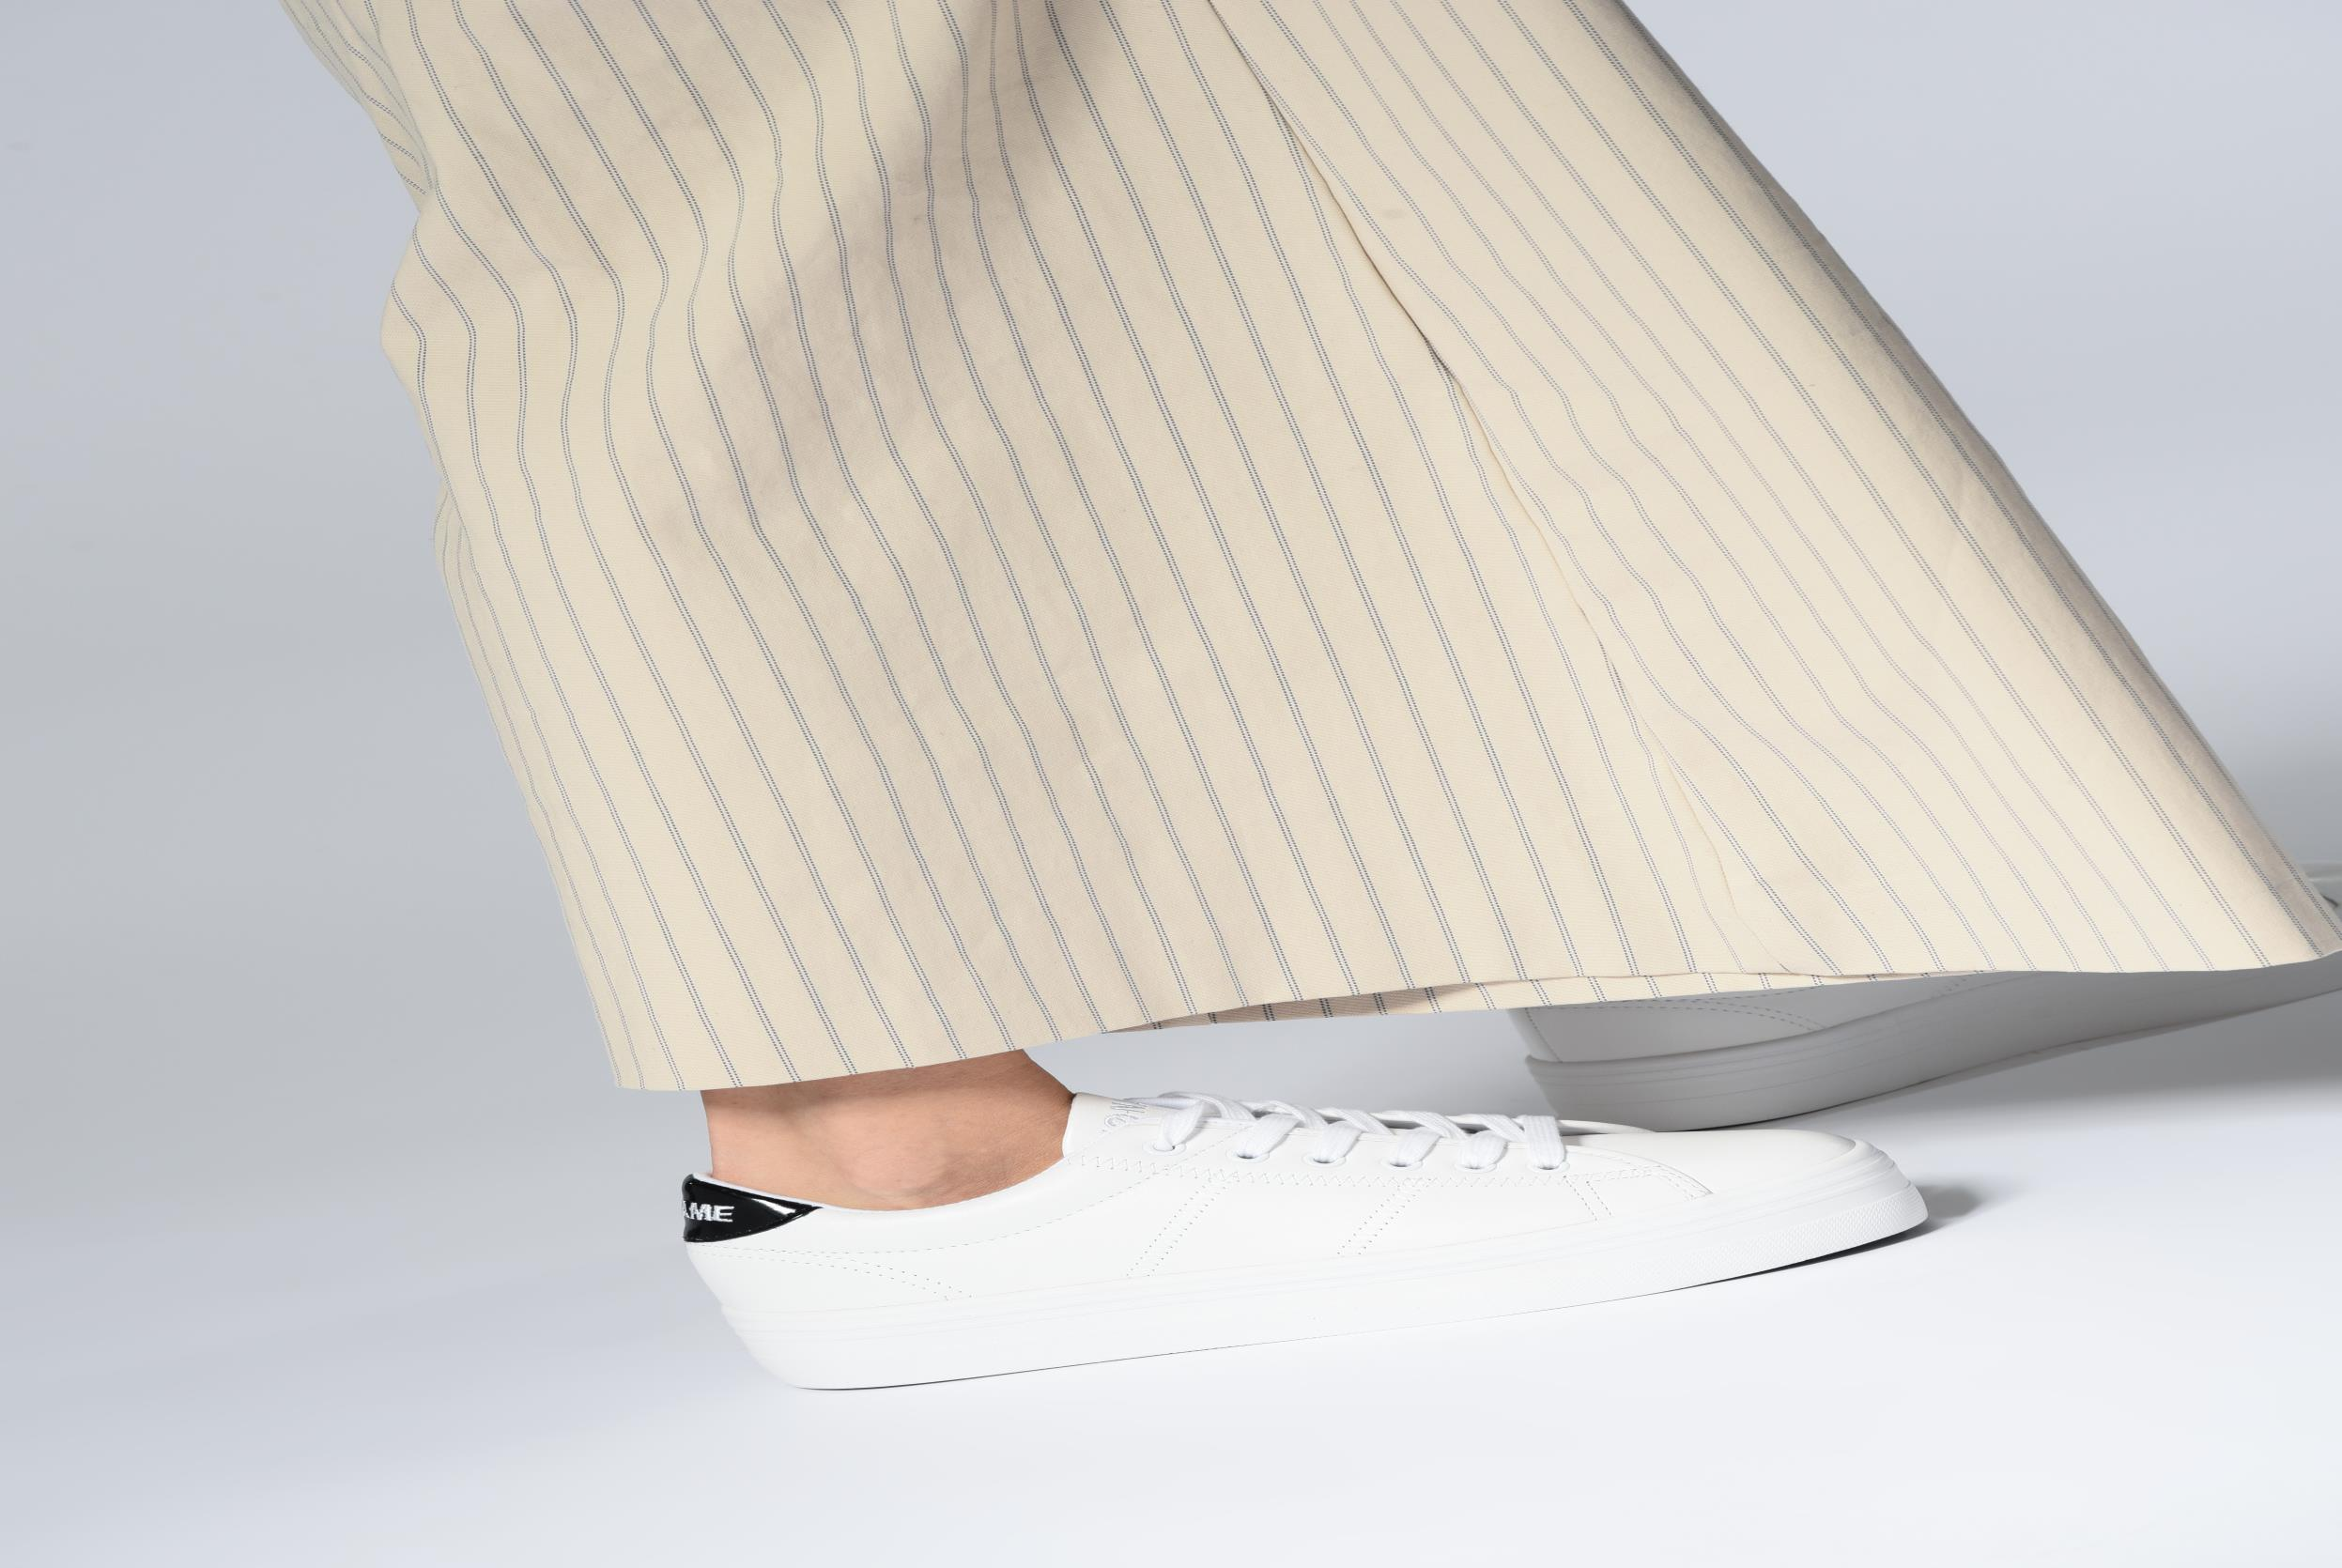 100% Origineel Goedkoop Online Nieuwste Goedkope Online No Name Plato Sneaker Zwart TiYkFx9Vi